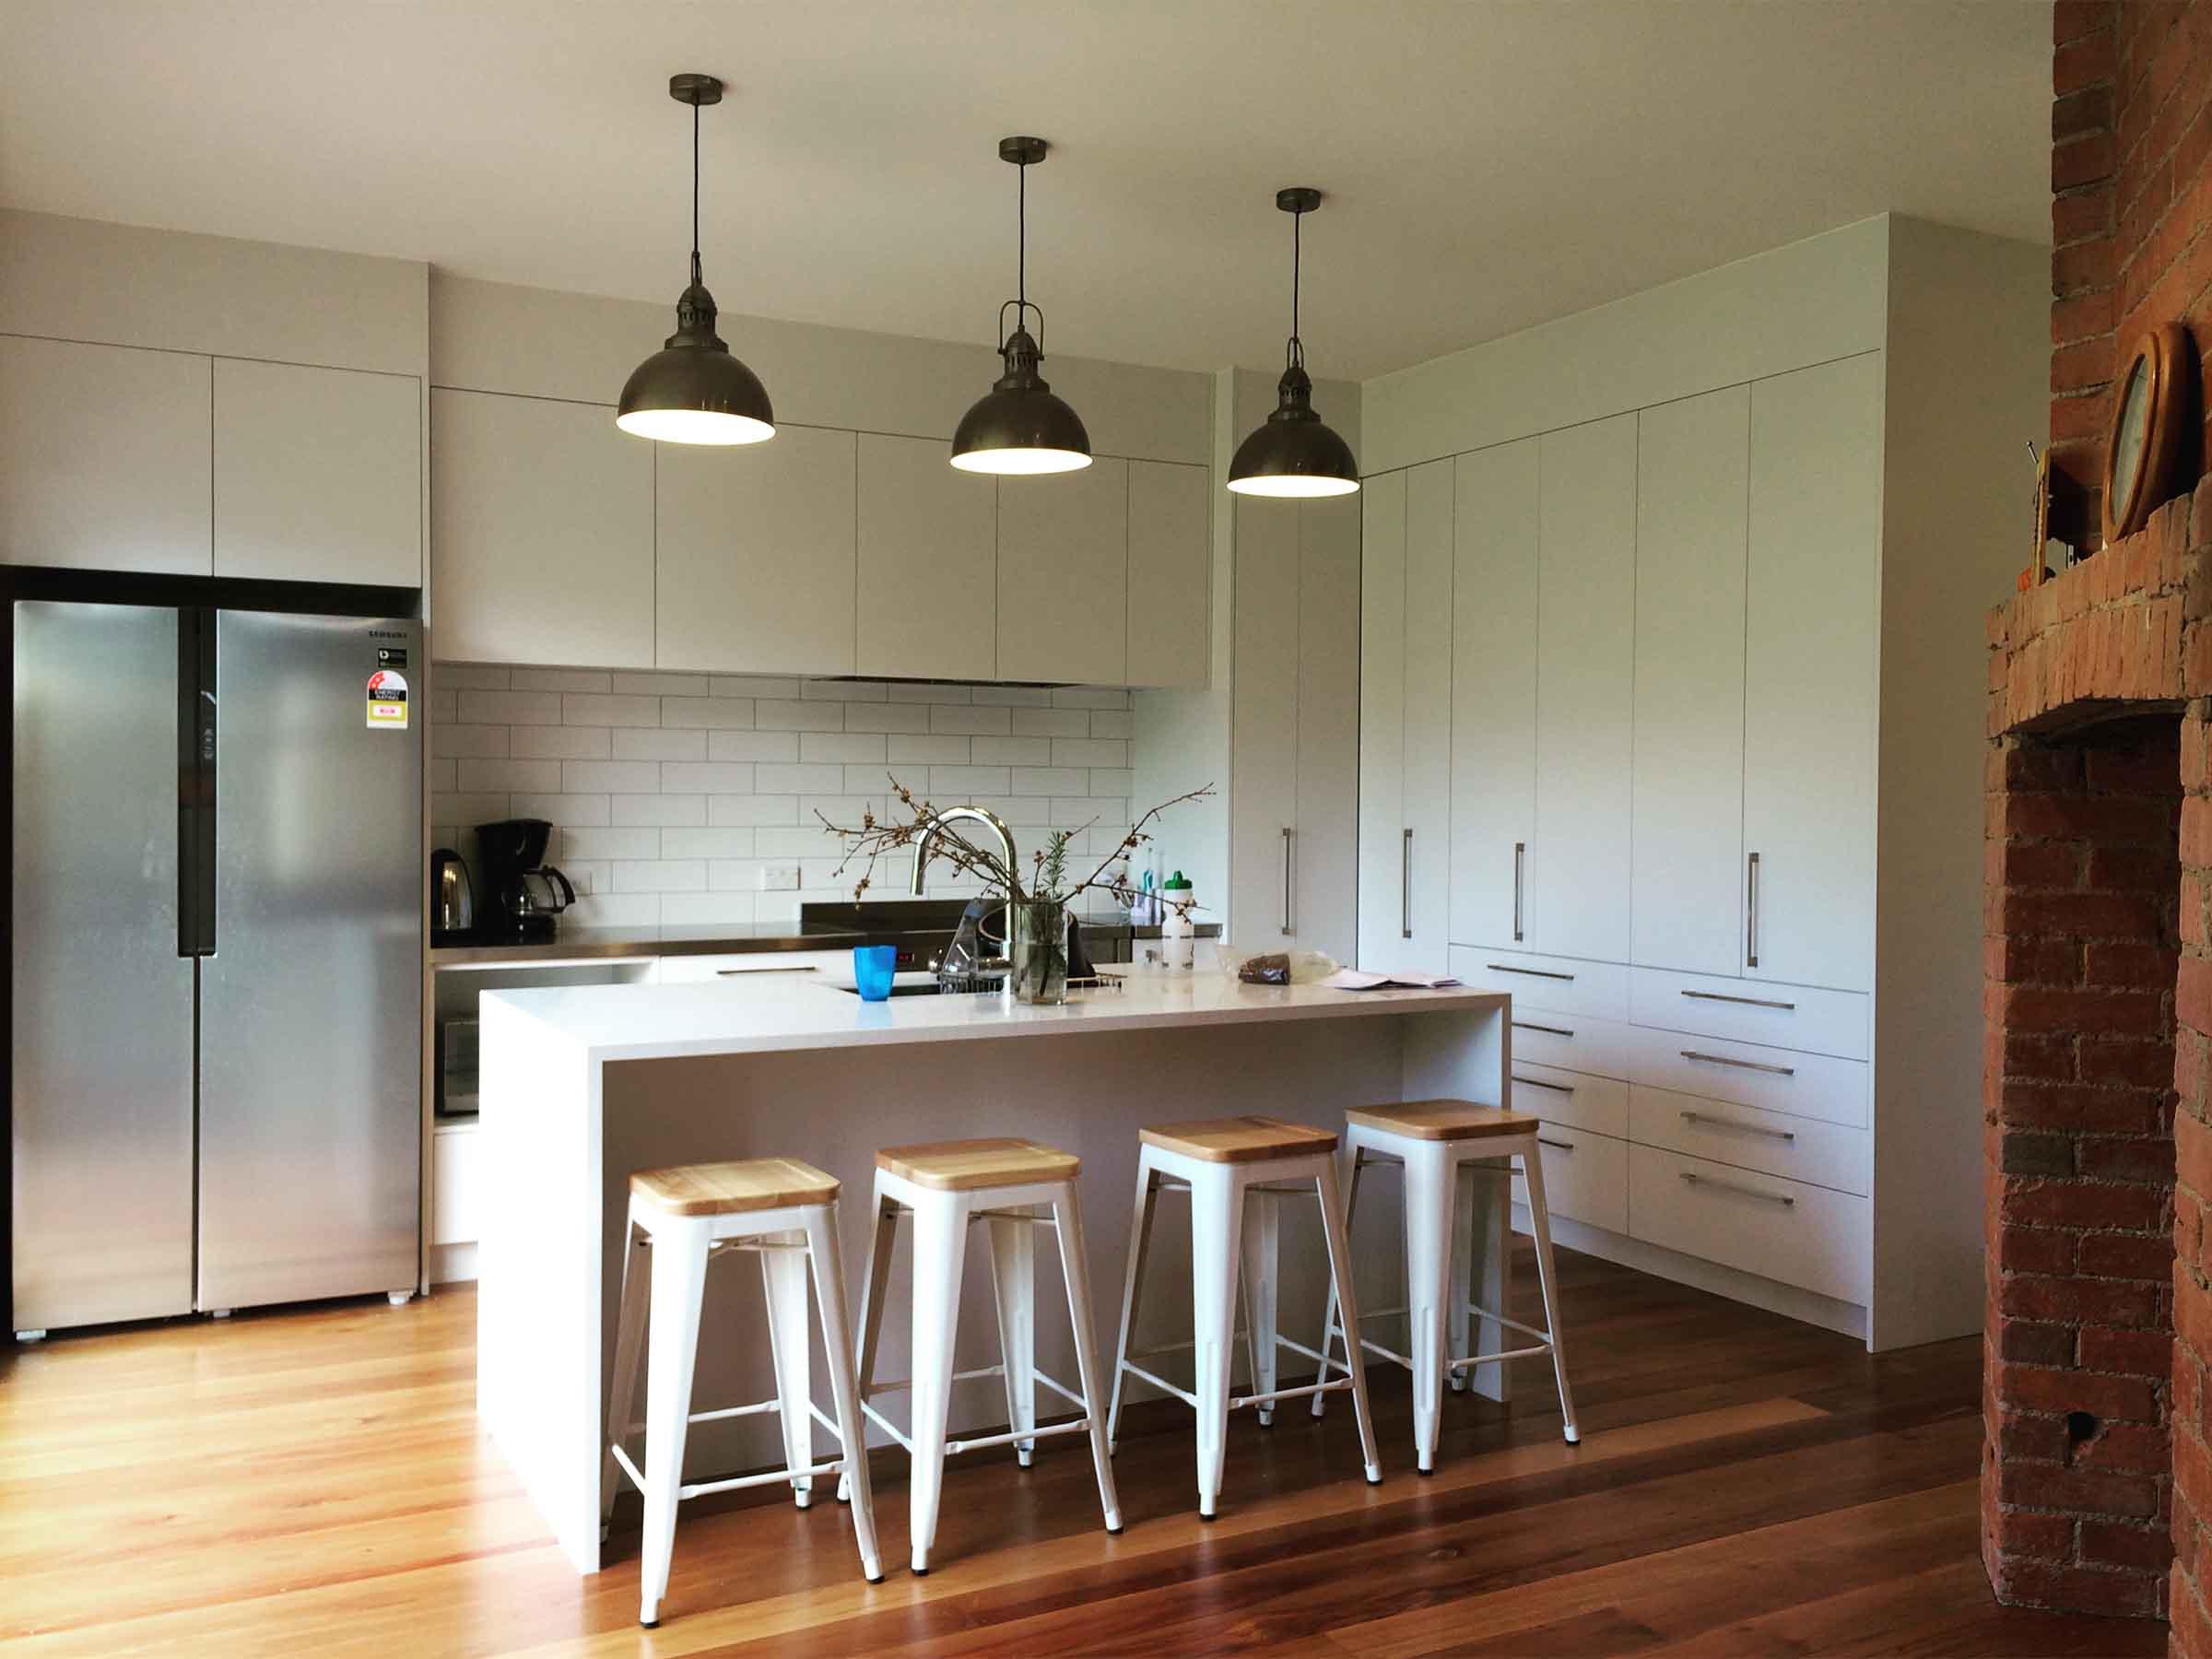 Tasman Street Kitchen